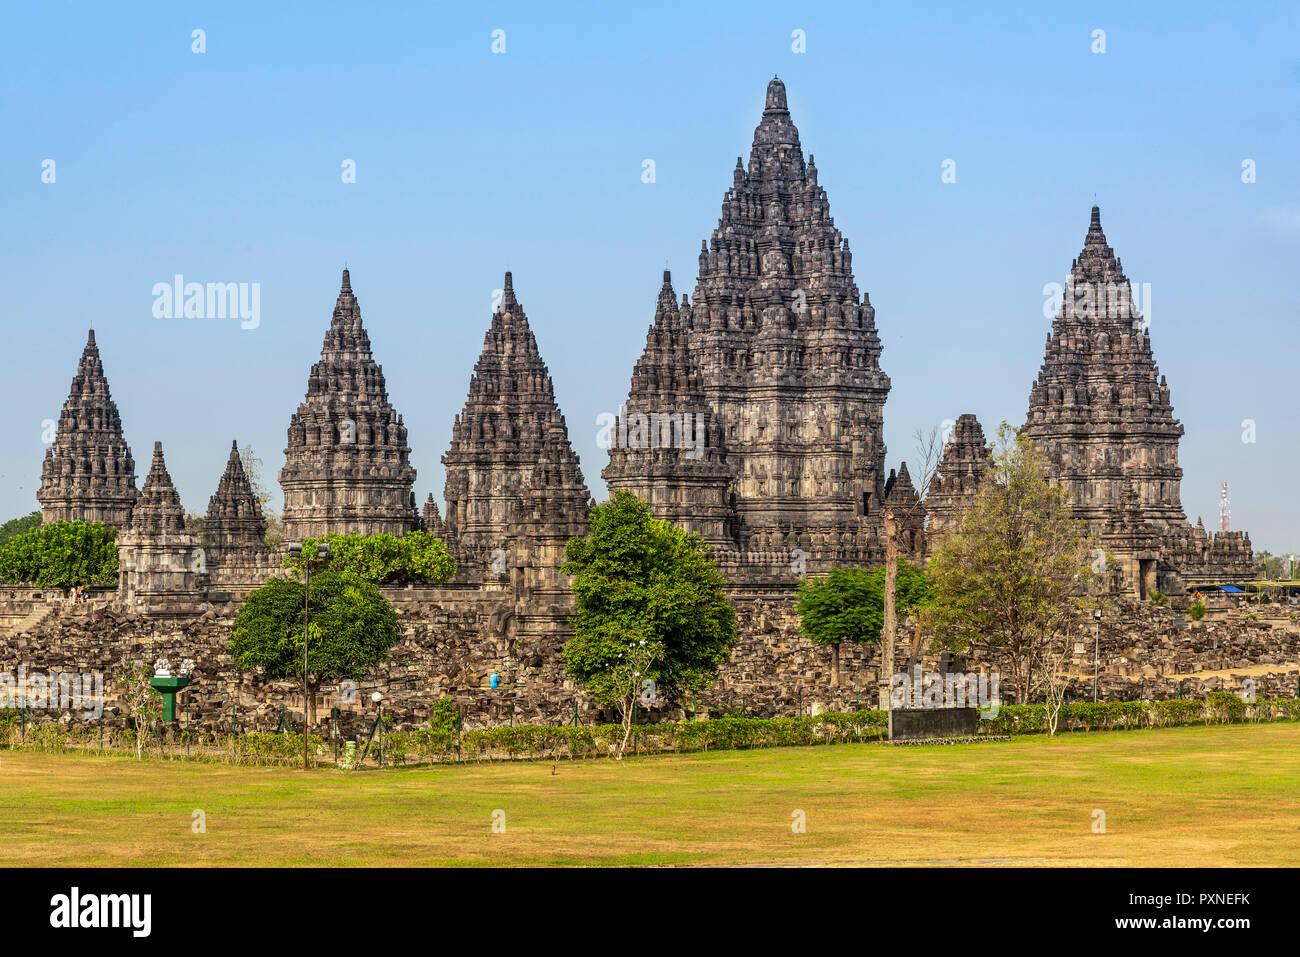 Prambanan temple complex, Yogyakarta, Java, Indonesia - Stock Image